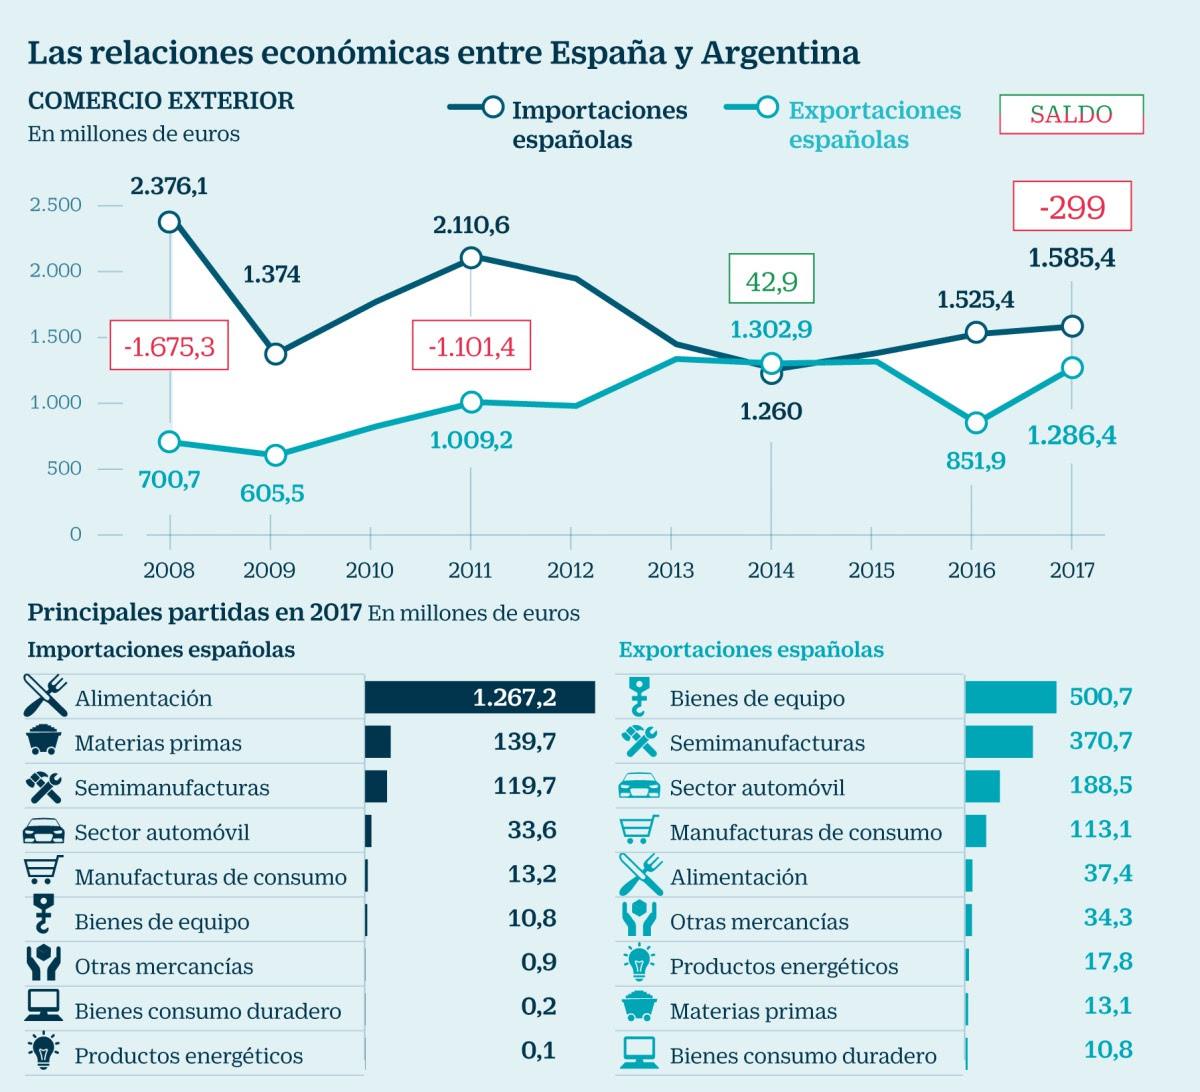 Relaciones económicas entre España y Argentina 2008-2017. Cinco Días, Carlos Molina.